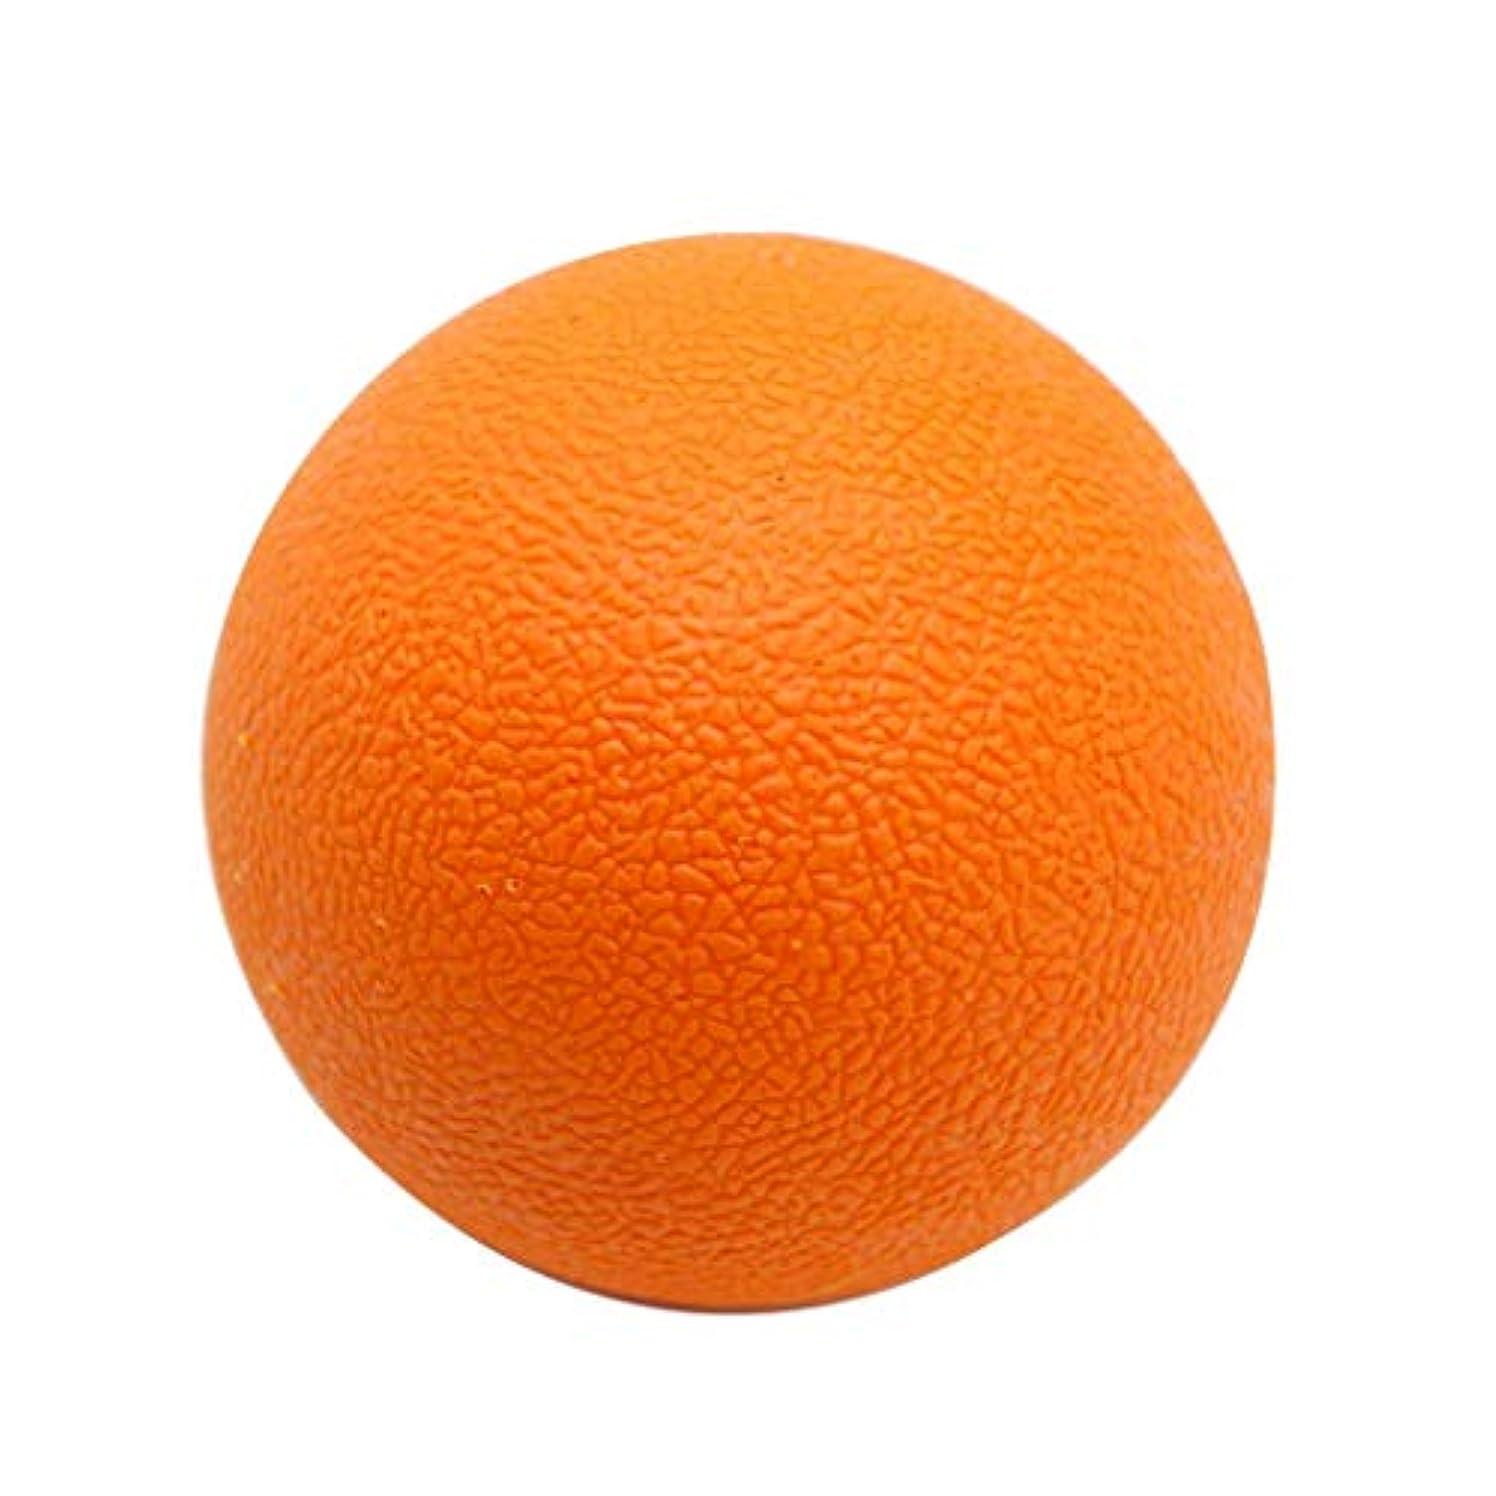 アクション熟読スロープラクロスボール マッサージボール トリガーポイント 筋膜リリース 背中 首 ツボ押しグッズ オレンジ